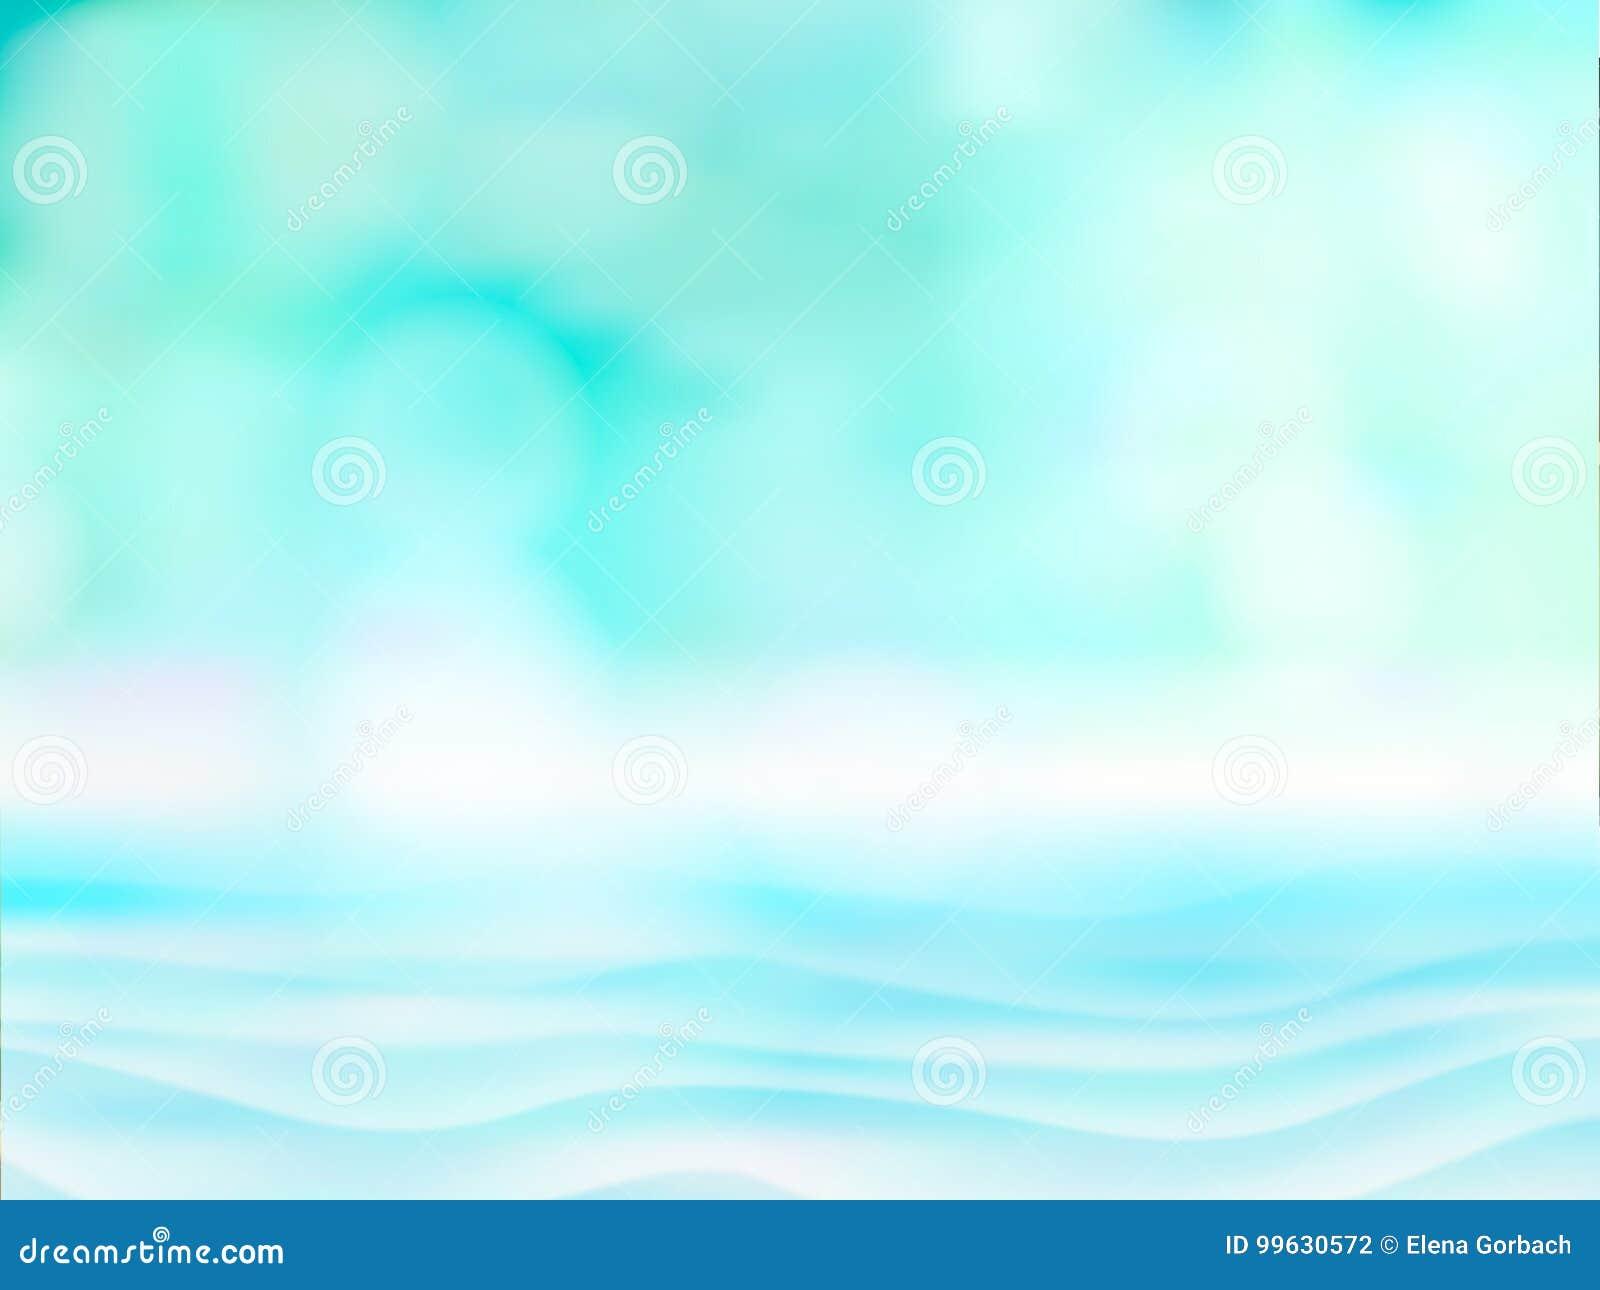 Resuma la luz borrosa en el fondo del agua azul, del mar o del océano para la estación de verano Vector azul defocused vacío del